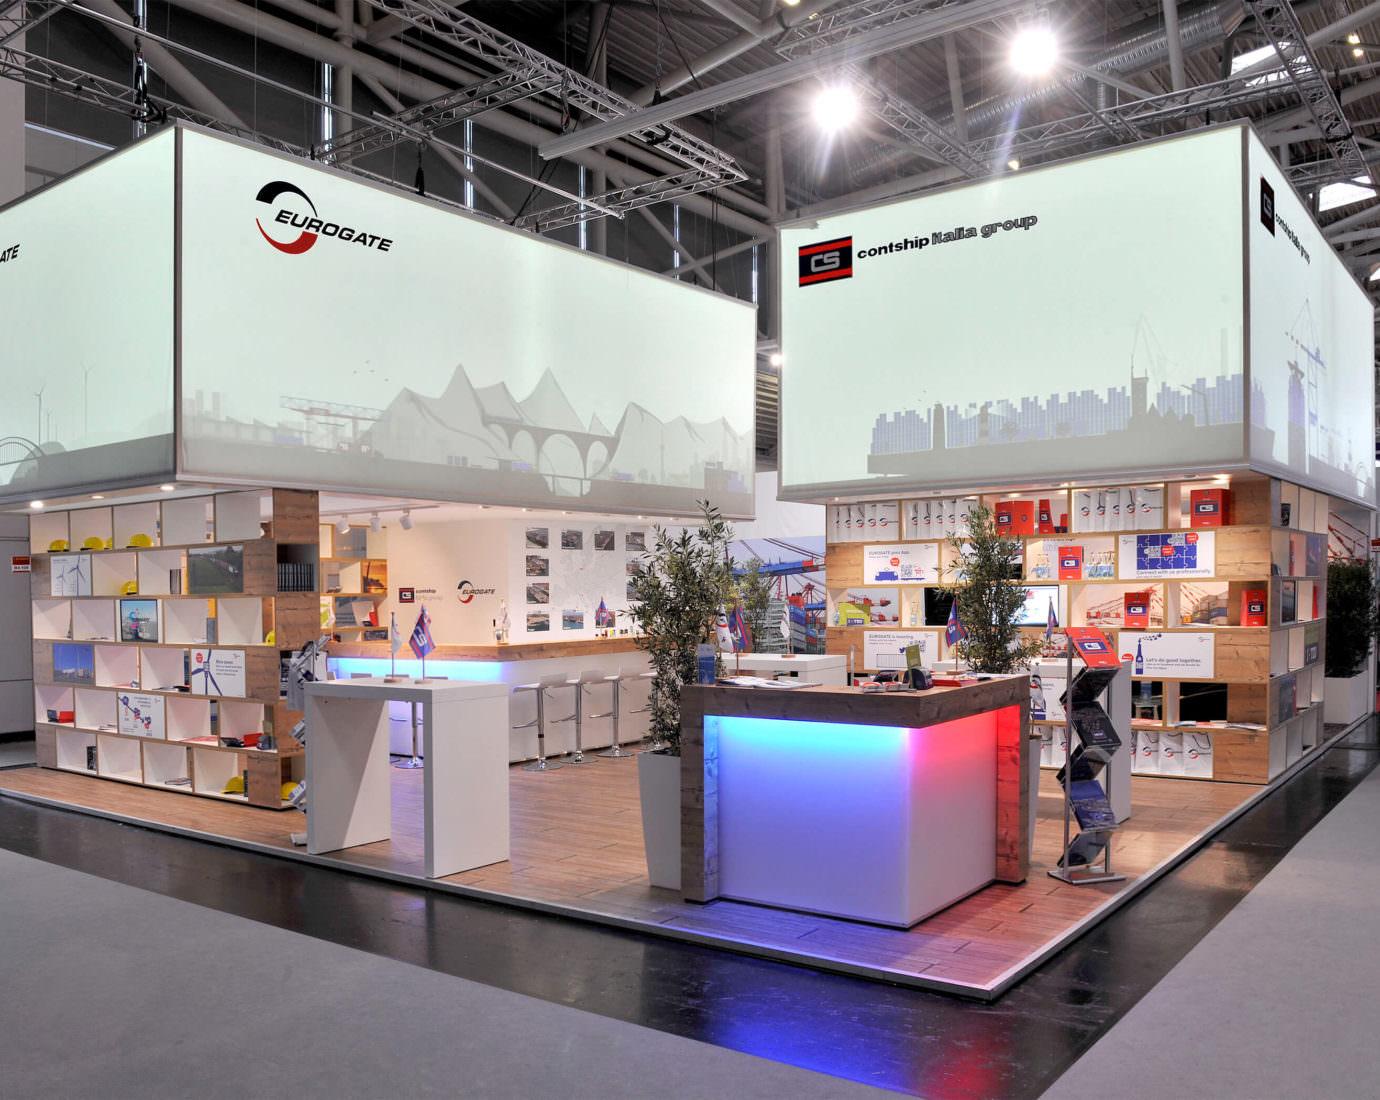 Messestand für Eurogate mit Lichteffekten für ideale Markenkommunikation